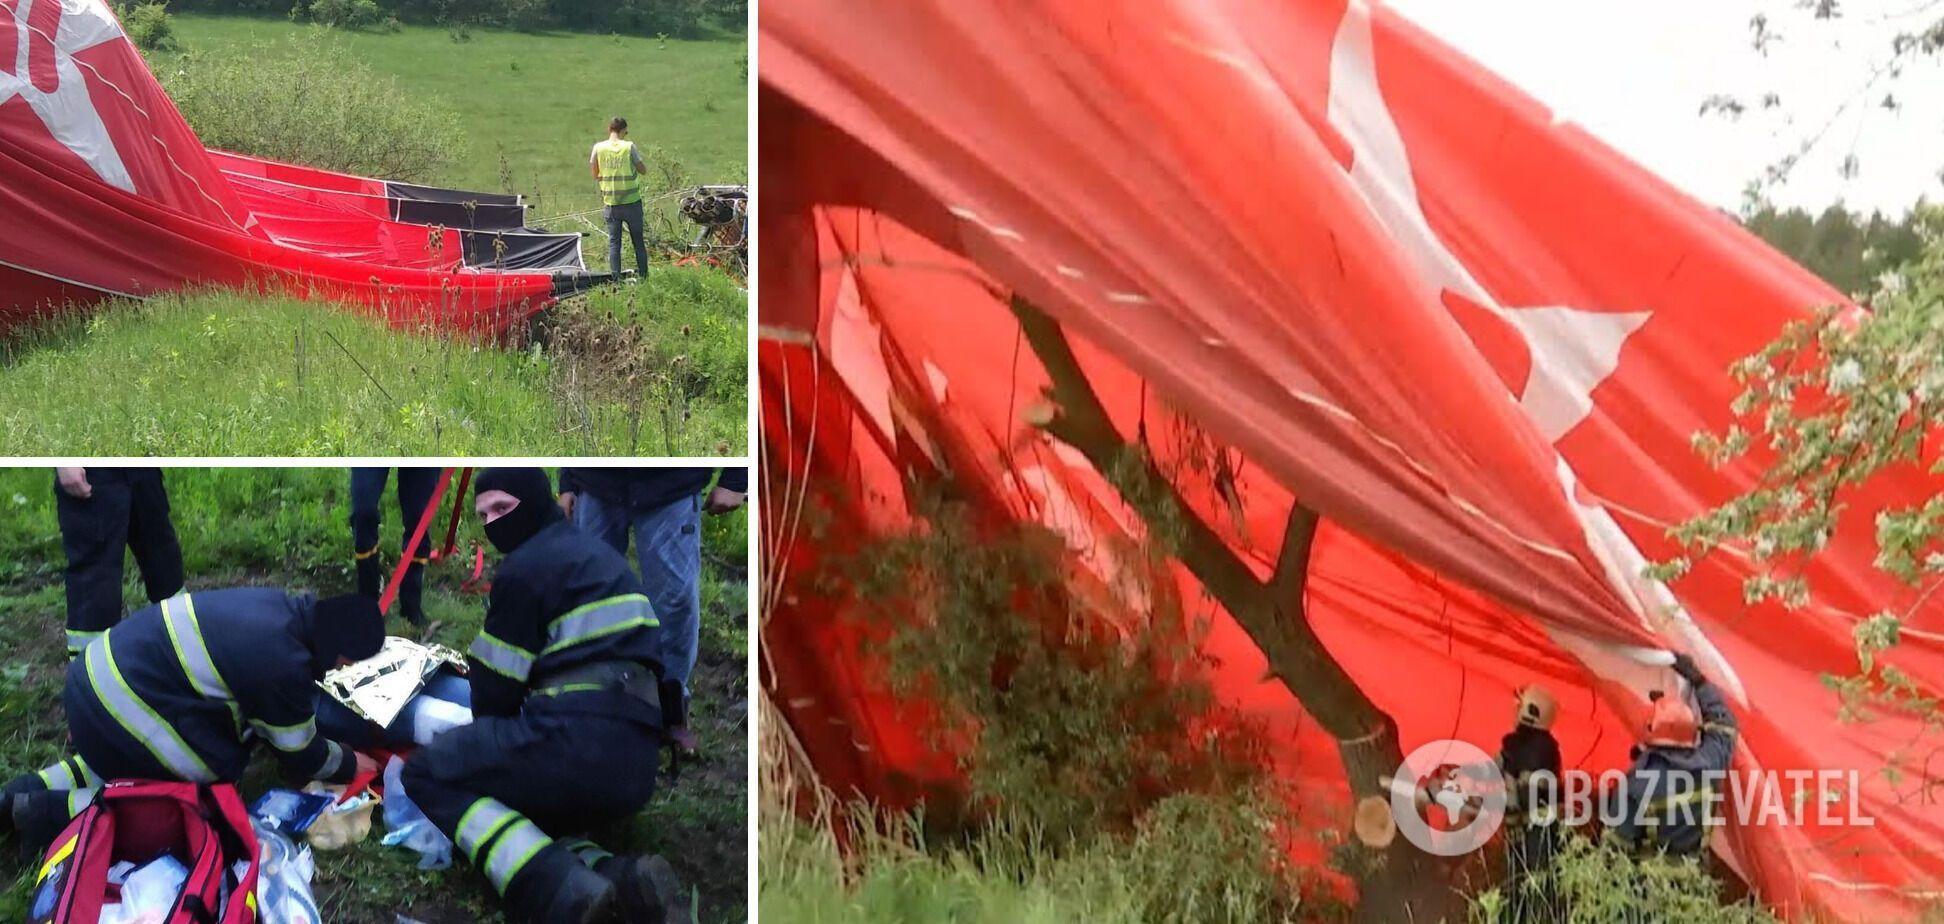 За 23 лет фестиваля в Каменце-Подольском такая трагедия случилась впервые